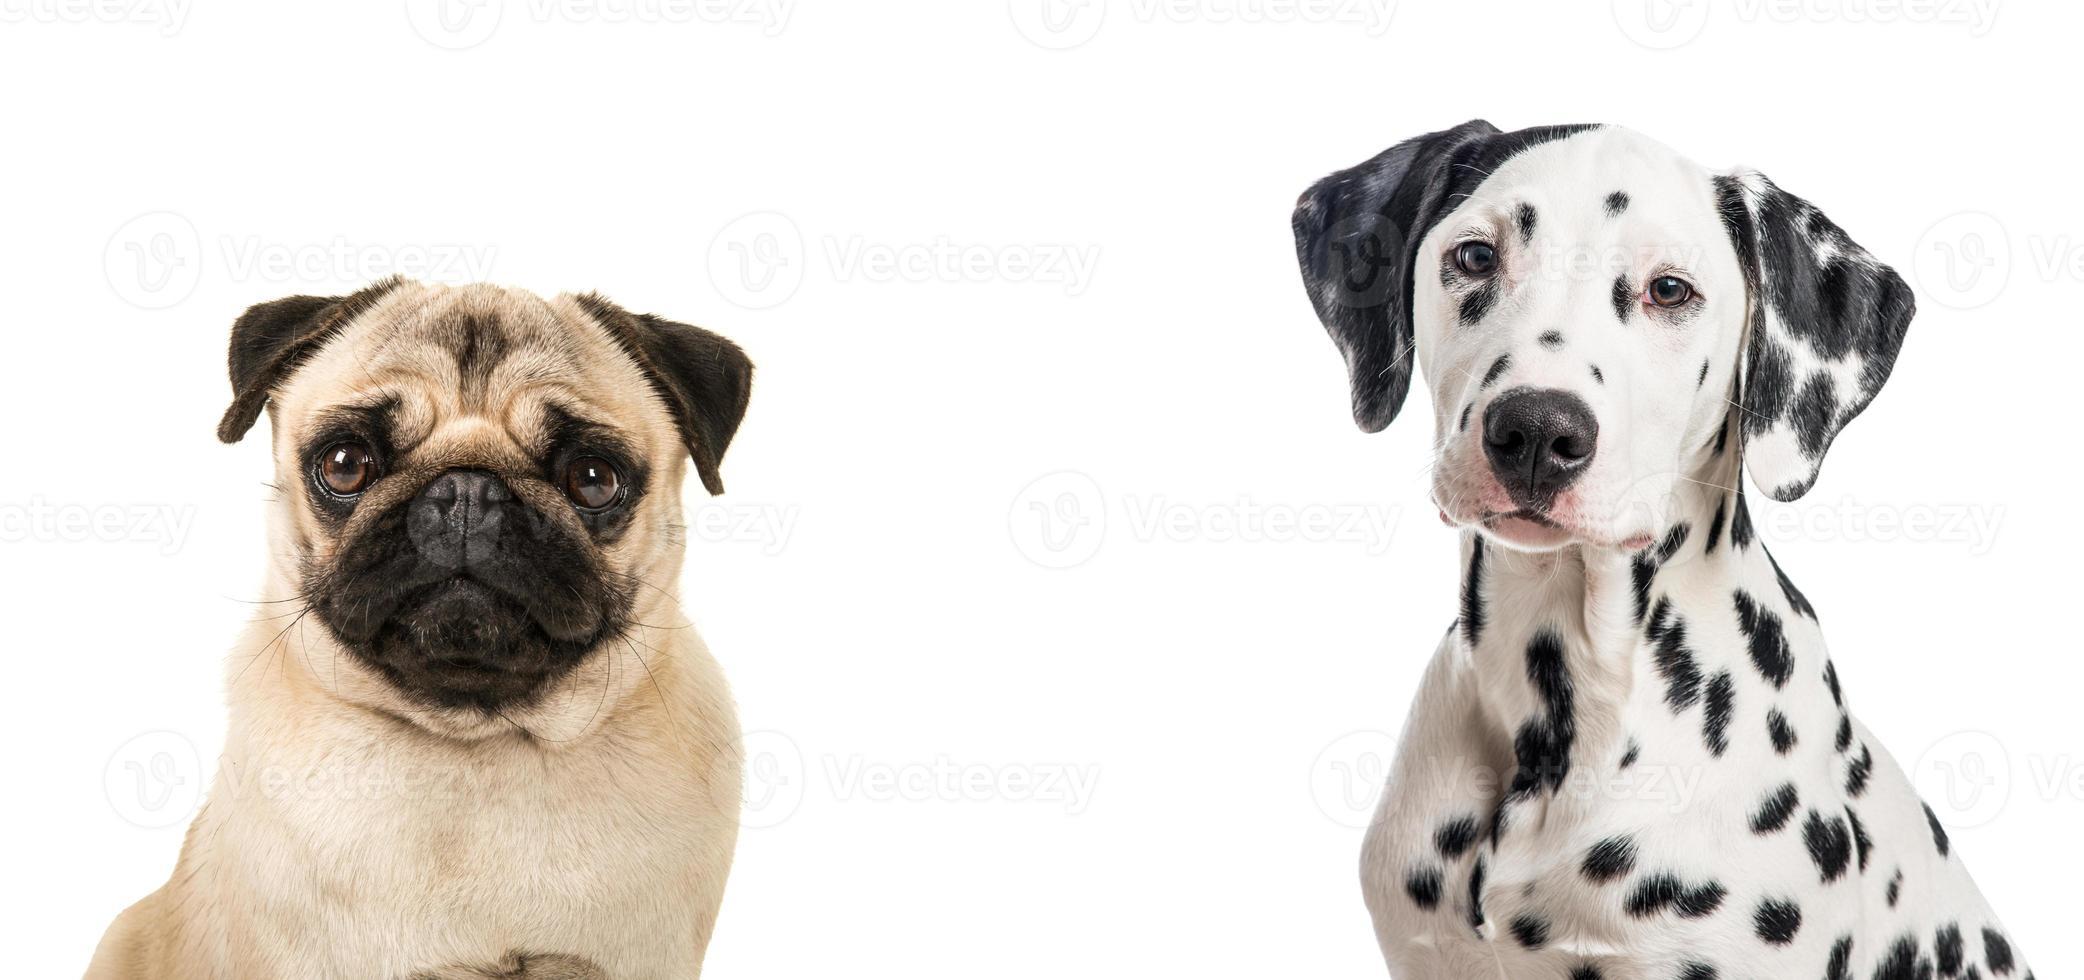 duoporträtt av dalmation och en mopshund foto